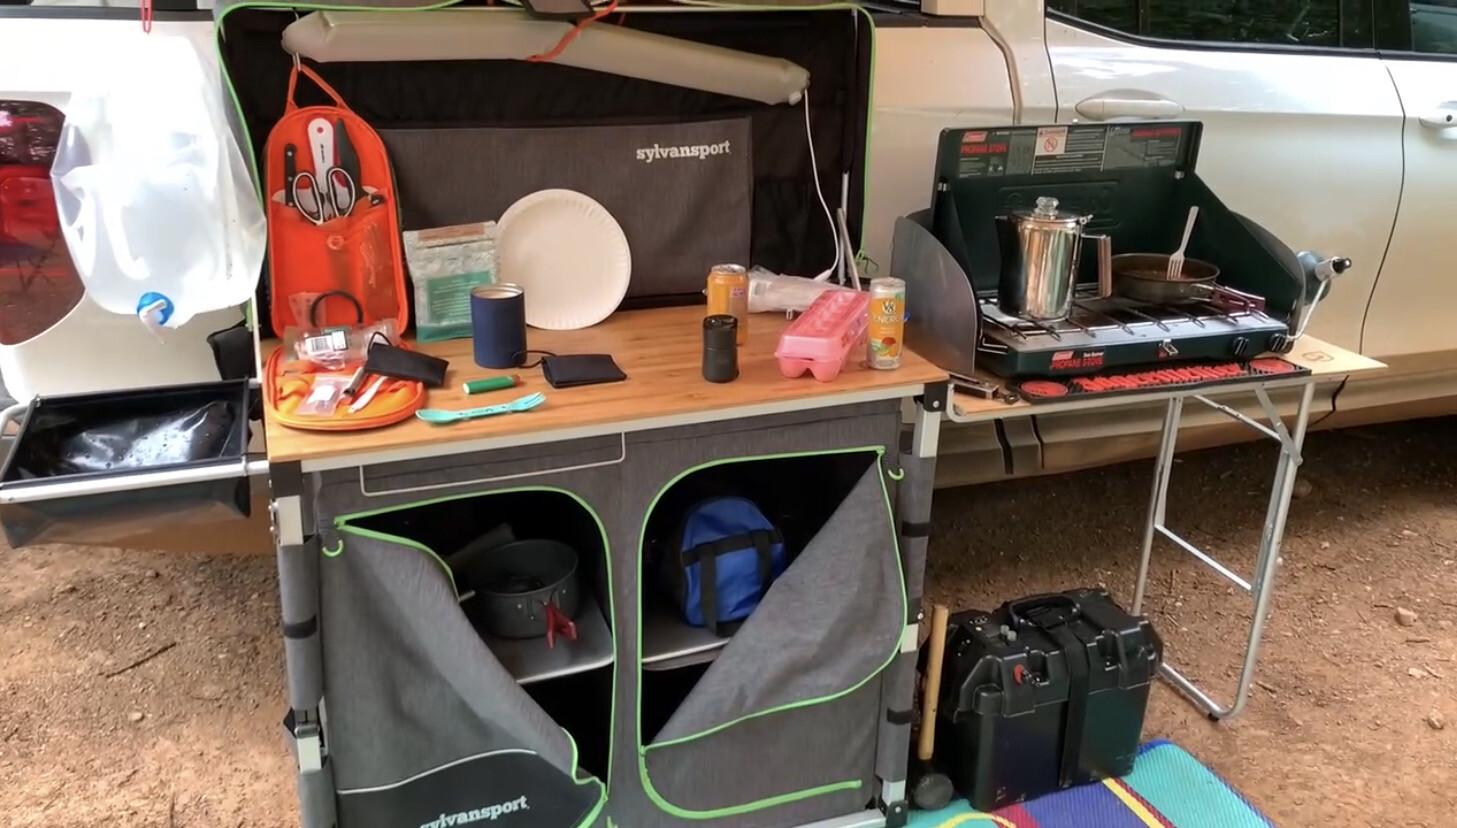 Sylvansport DINE O MAX Camp Kitchen